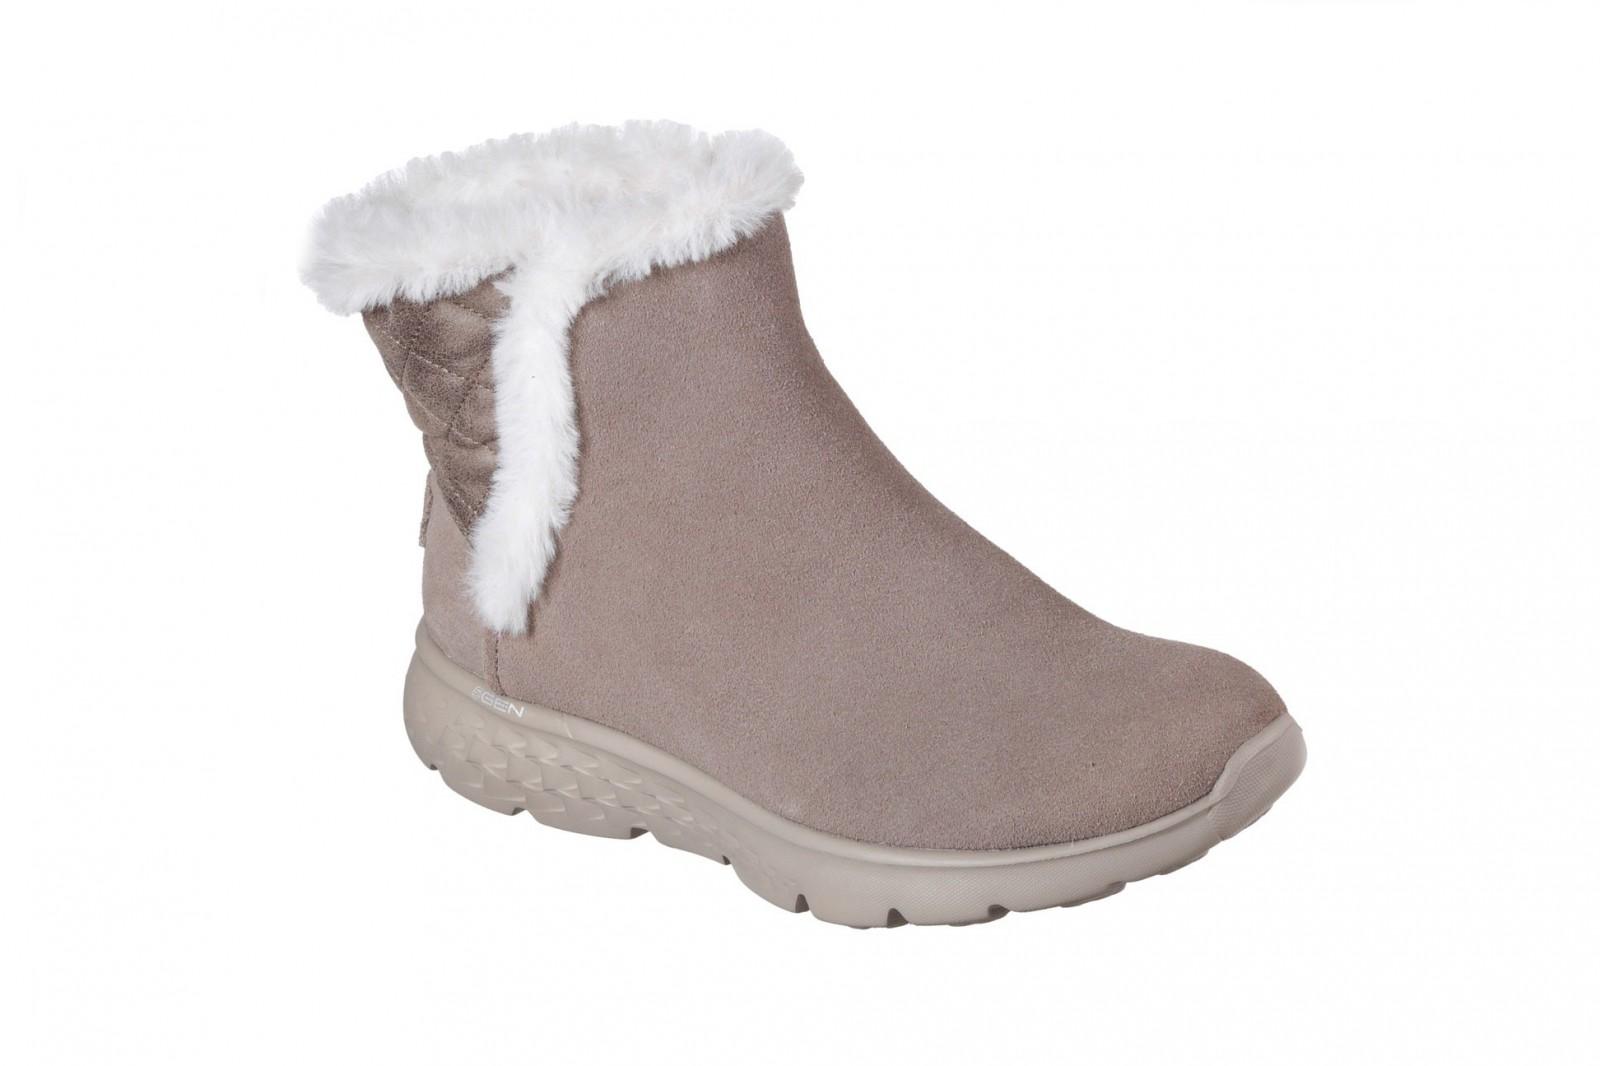 Dámská zimní obuv Skechers ON-THE-GO 400 - COZIES  ab283fce9e